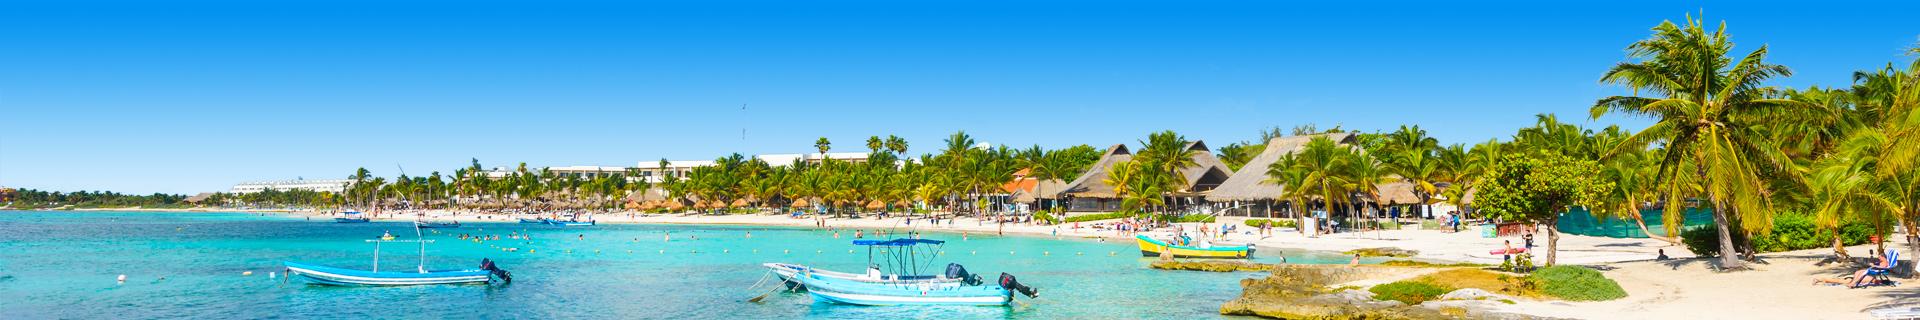 Blauwe zee met watervilla's en een man aan het paddleboarden